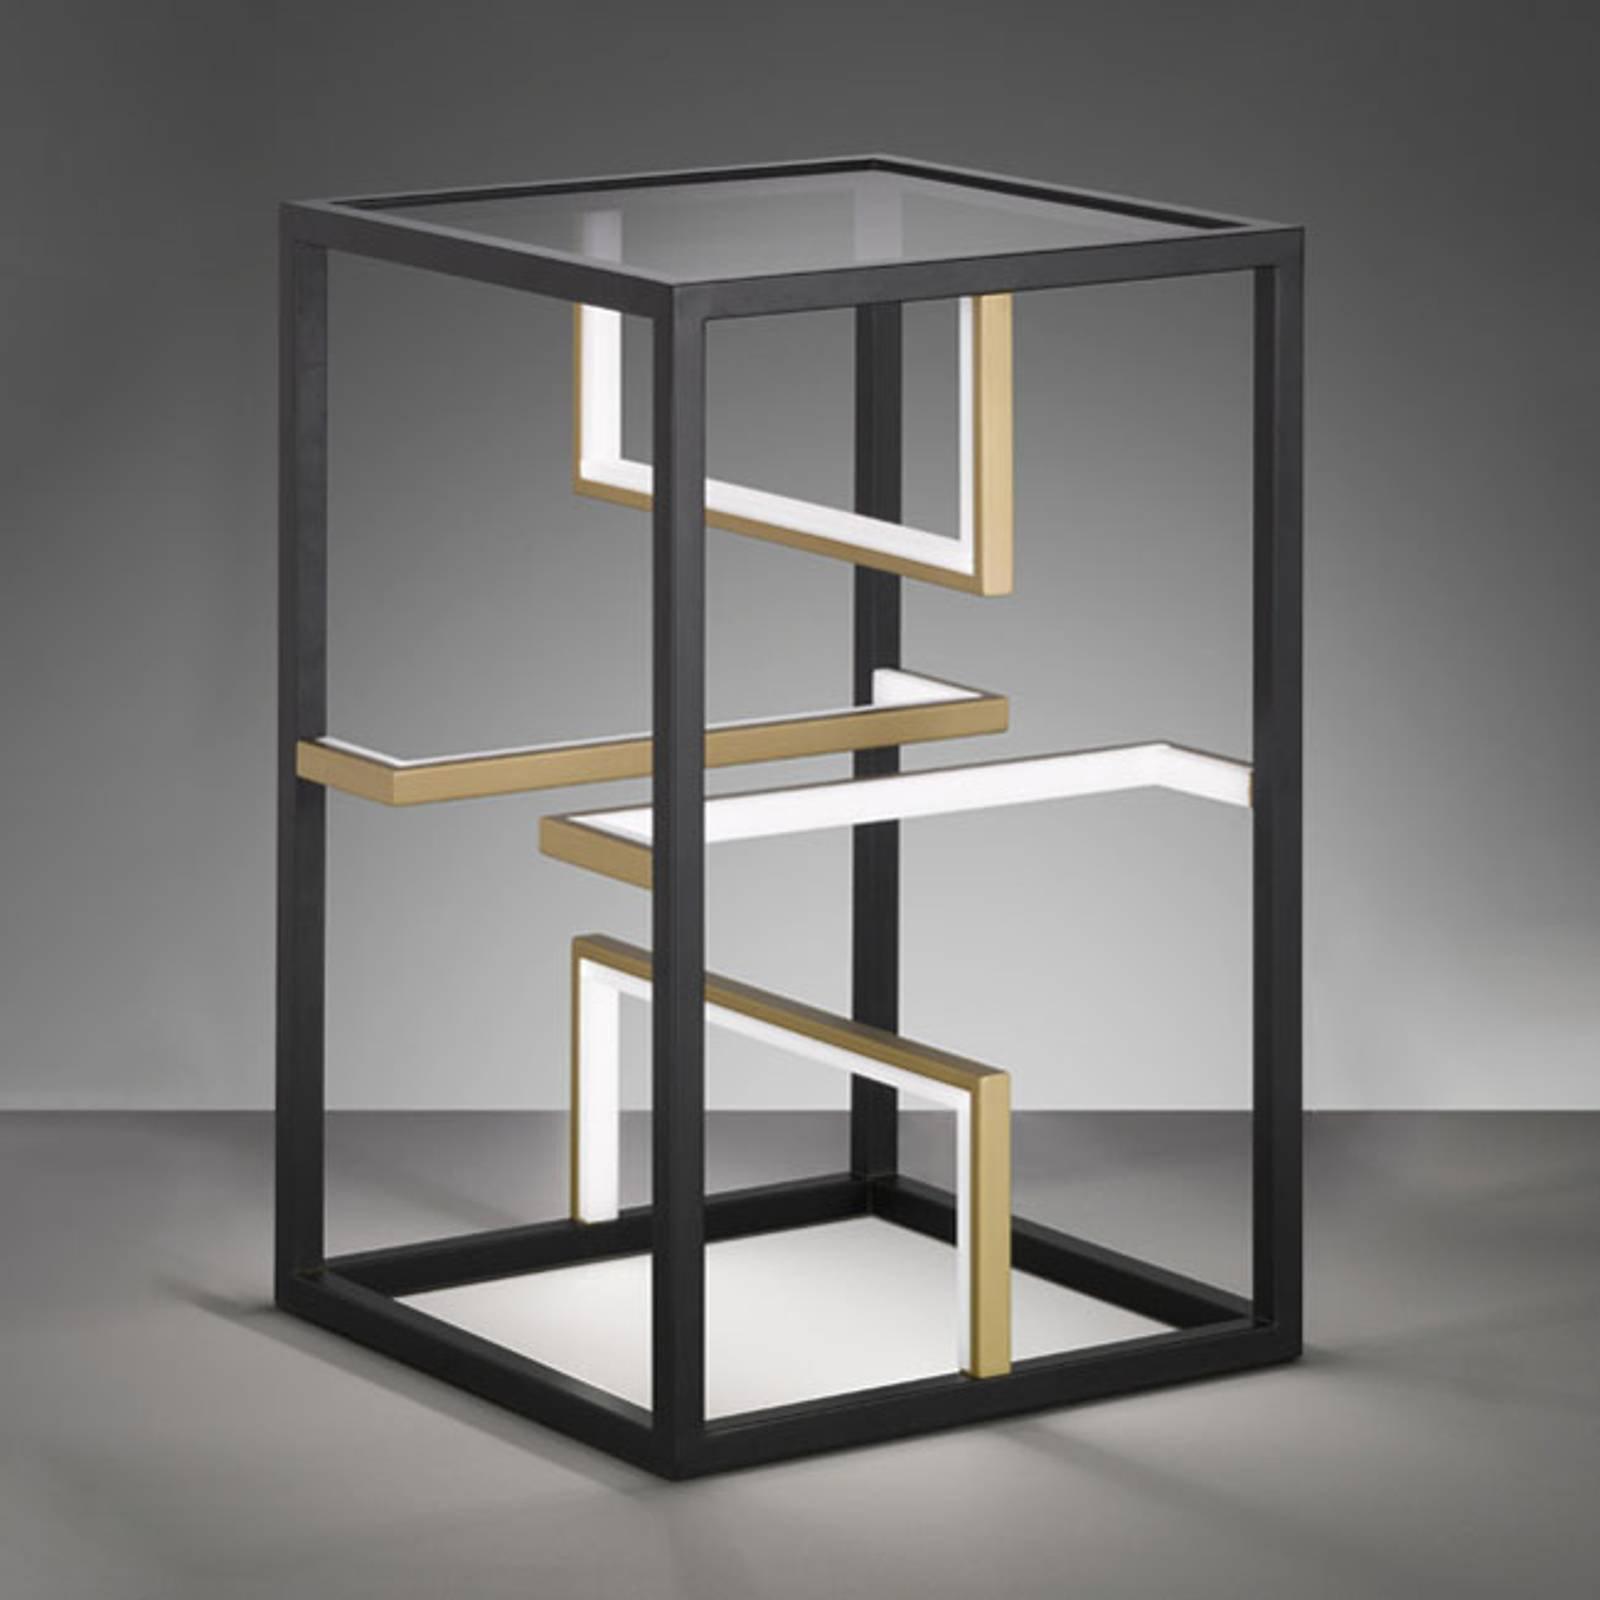 LED-bordlampe Square 40x40cm, 60cm høy